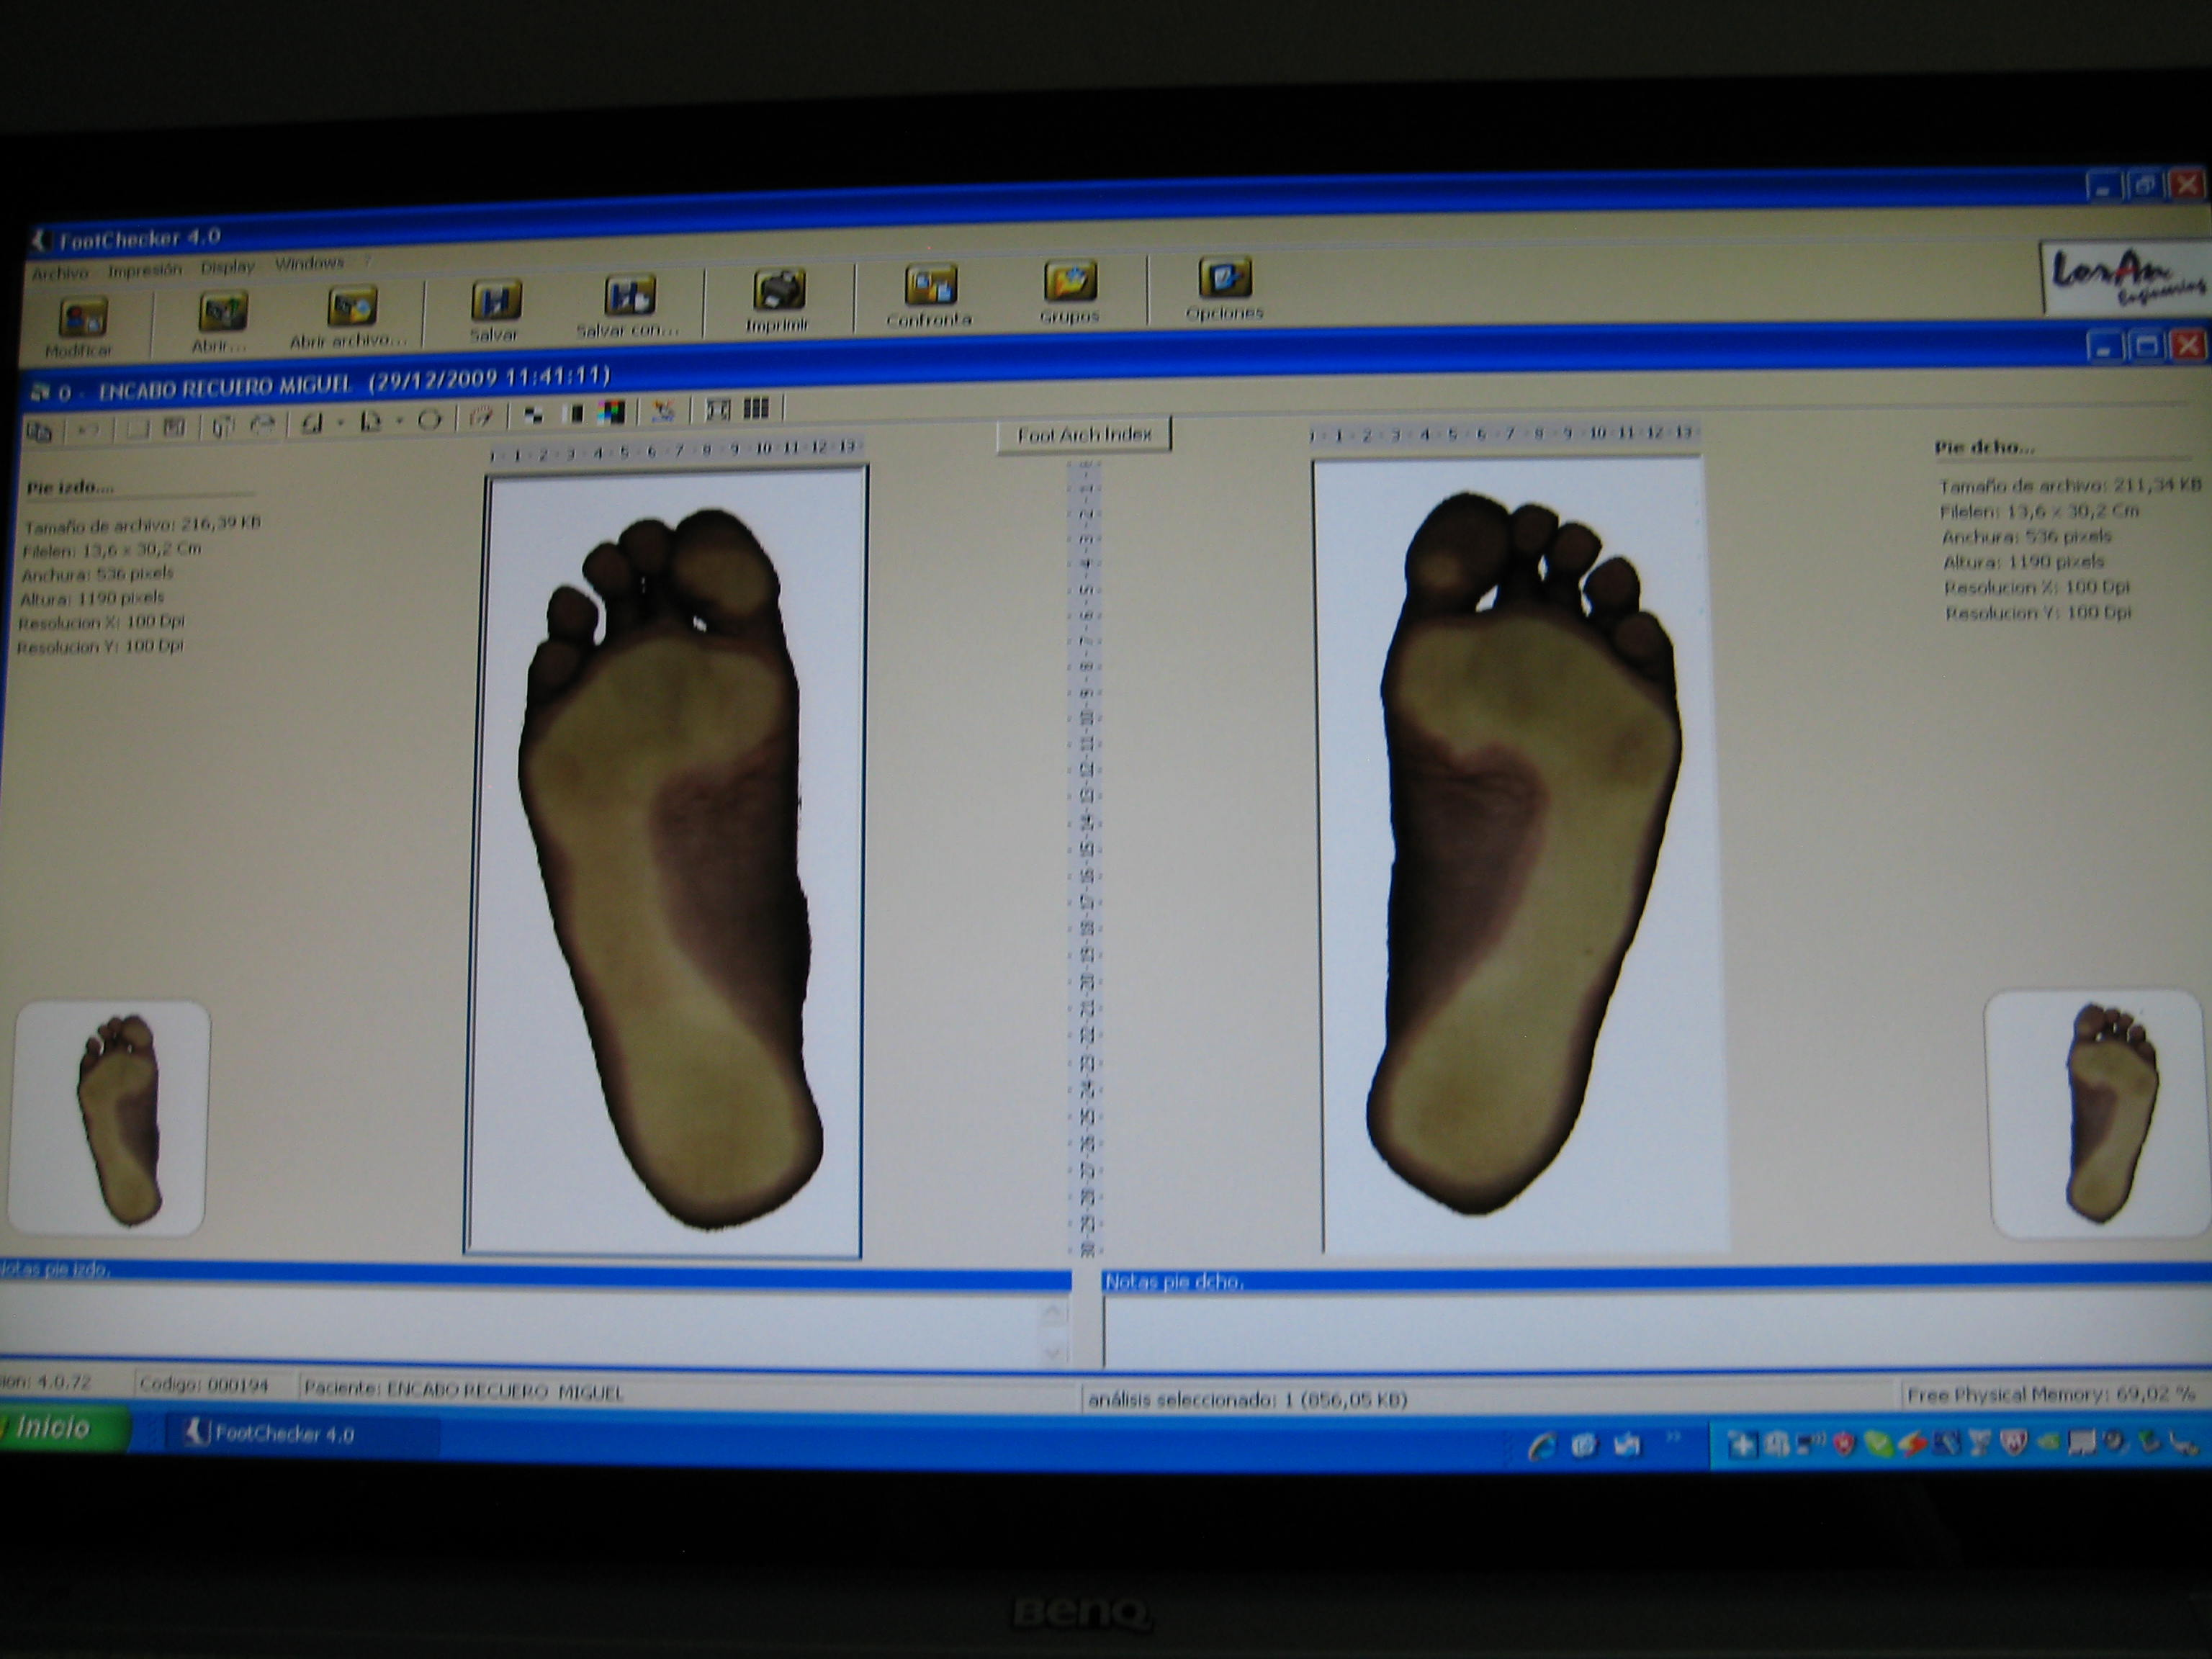 Plantillas ortopedicas a medida